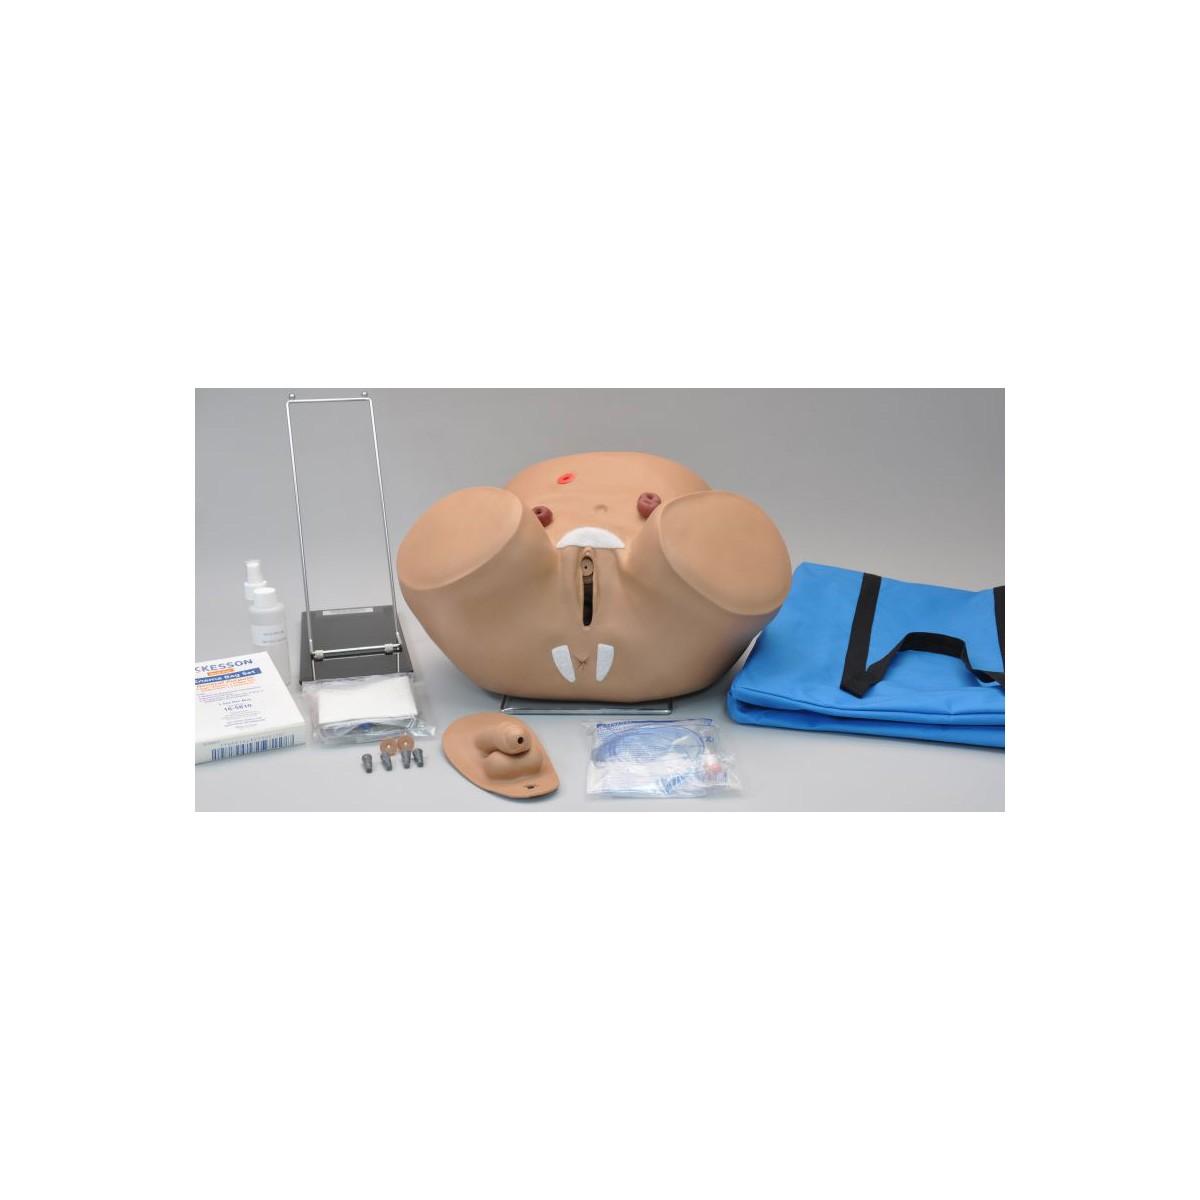 Katheterisierungs- und Stomapflege-Simulator, männlich und weiblich